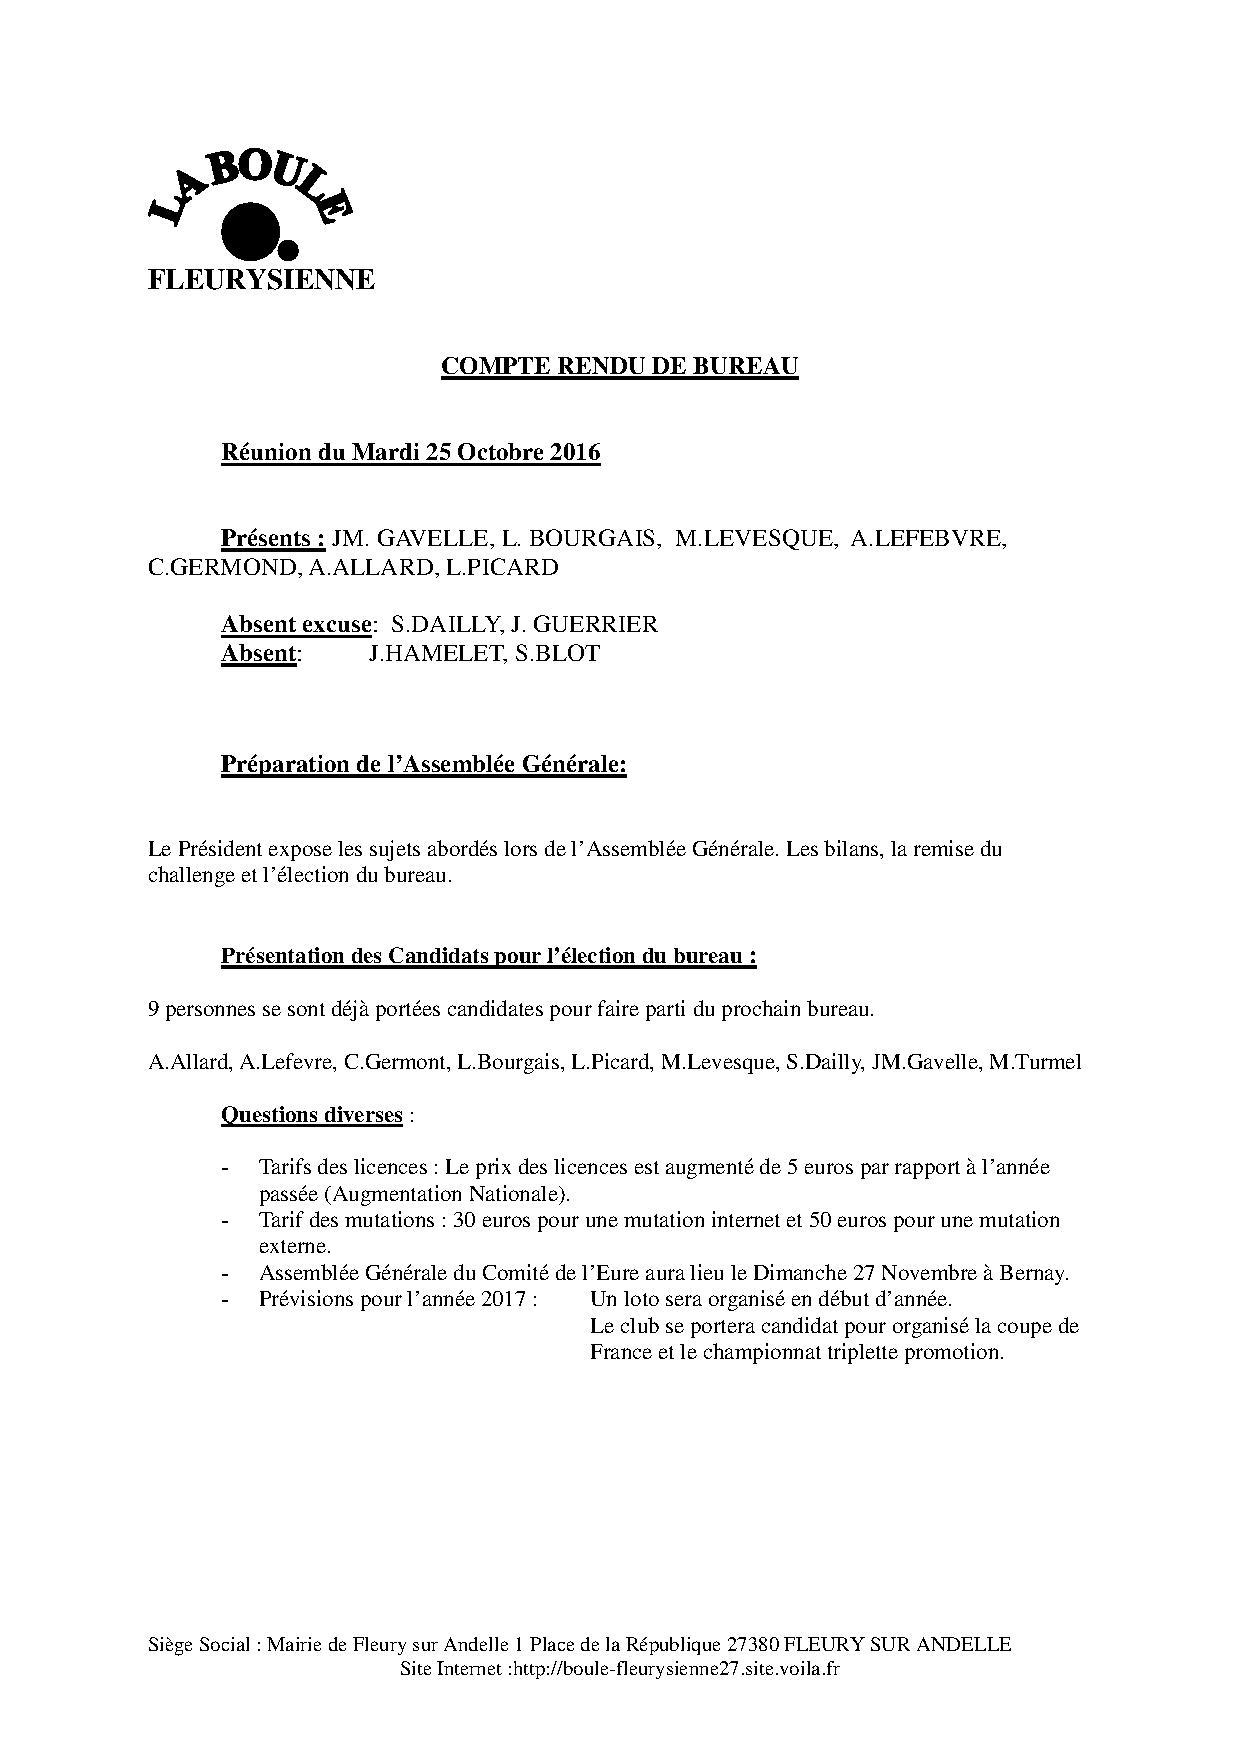 Compte rendu de la réunion de bureau du 25/10/2016